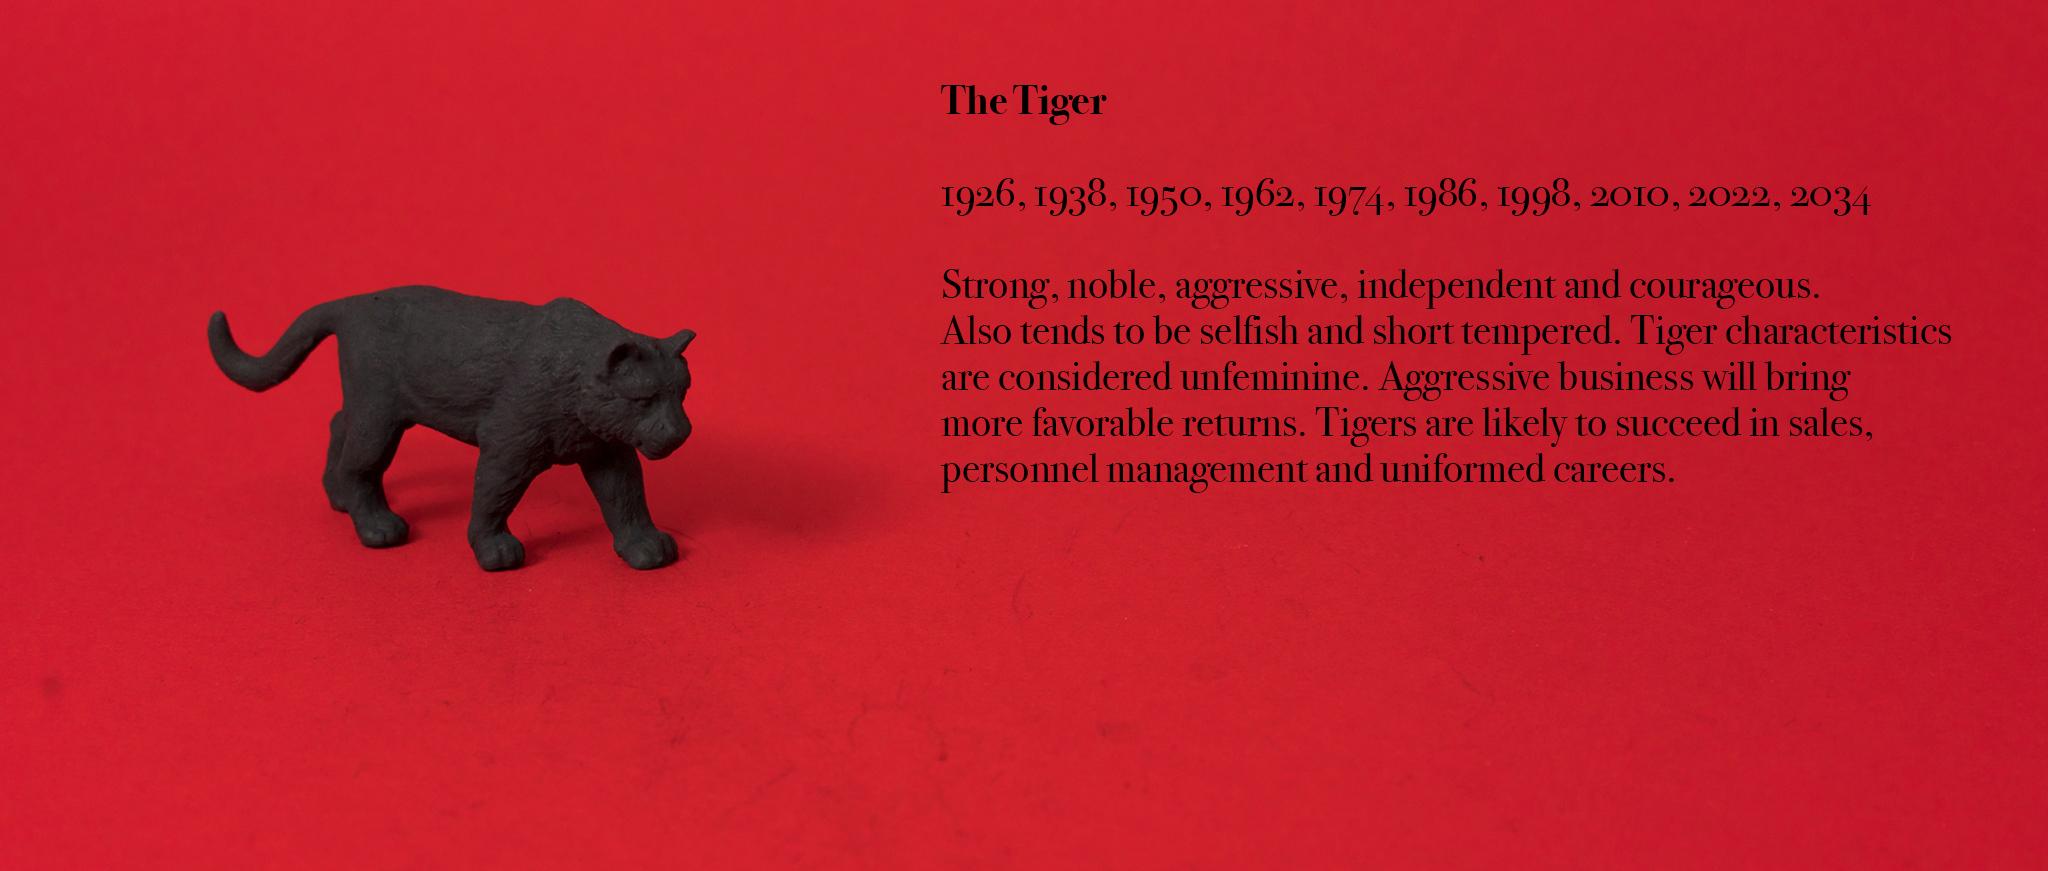 03. Tiger